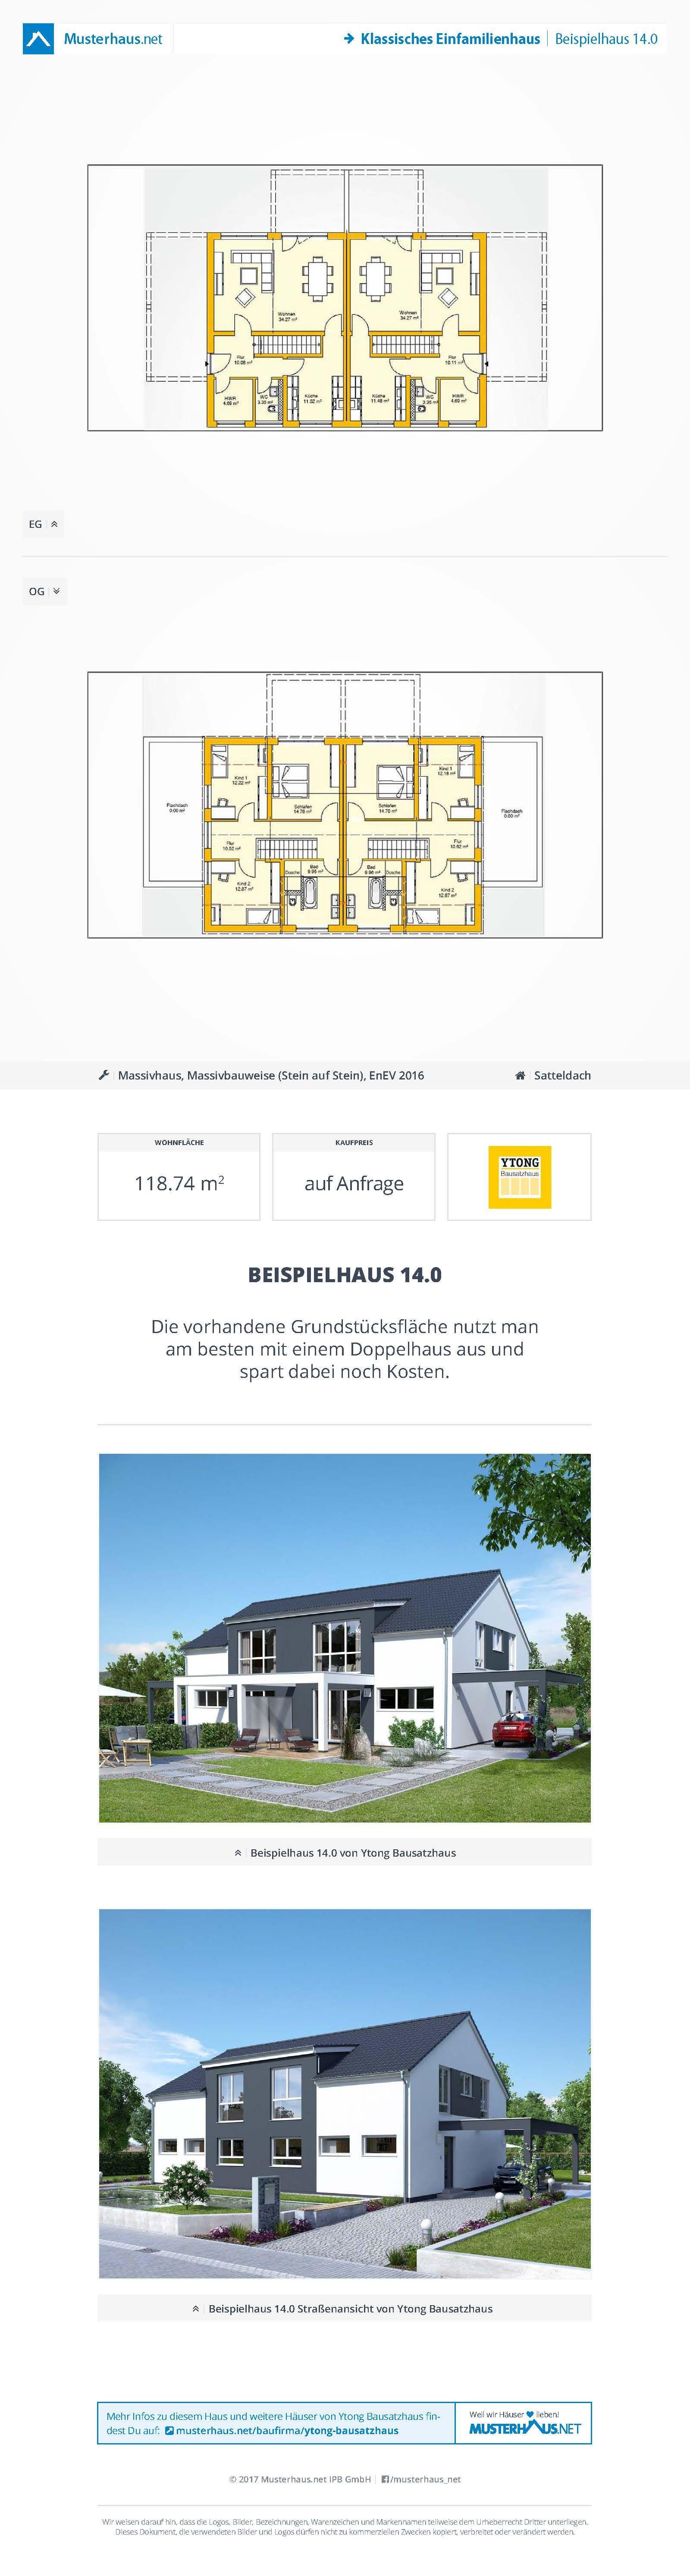 Ytong Bausatzhaus Alle Hauser Preise Und Grundrisse Ytong Bausatzhaus Bausatzhaus Ytong